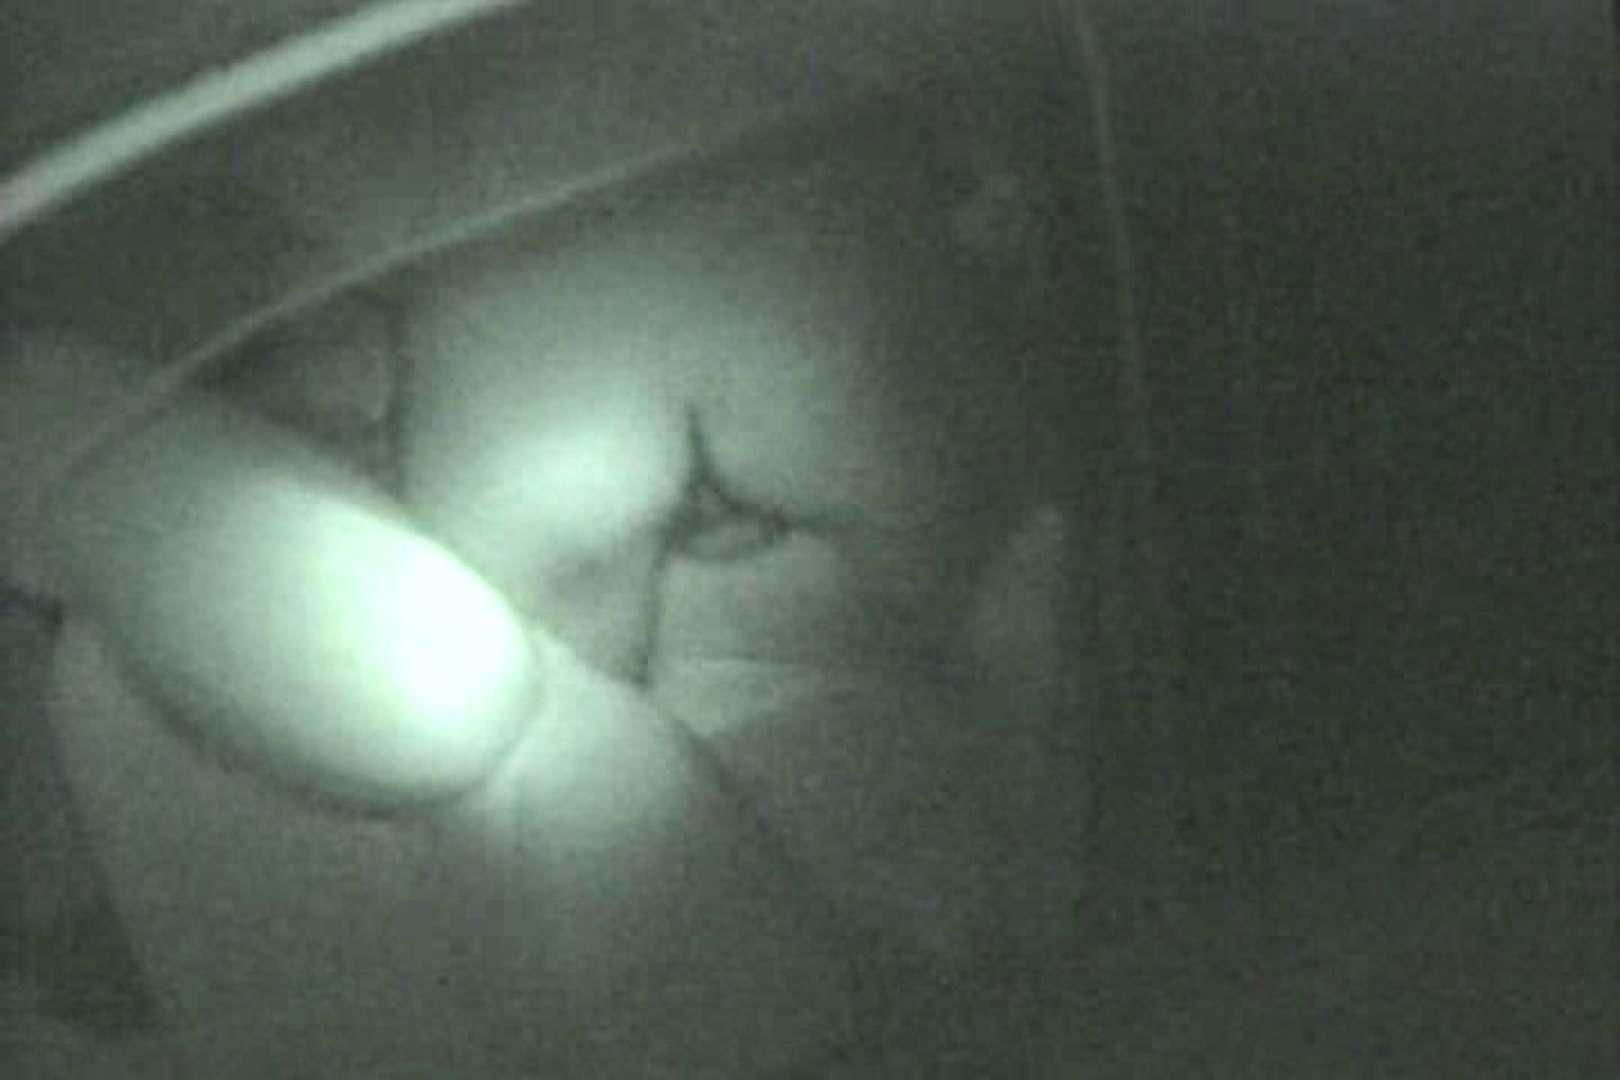 蔵出し!!赤外線カーセックスVol.14 美しいOLの裸体 ワレメ無修正動画無料 101pic 16